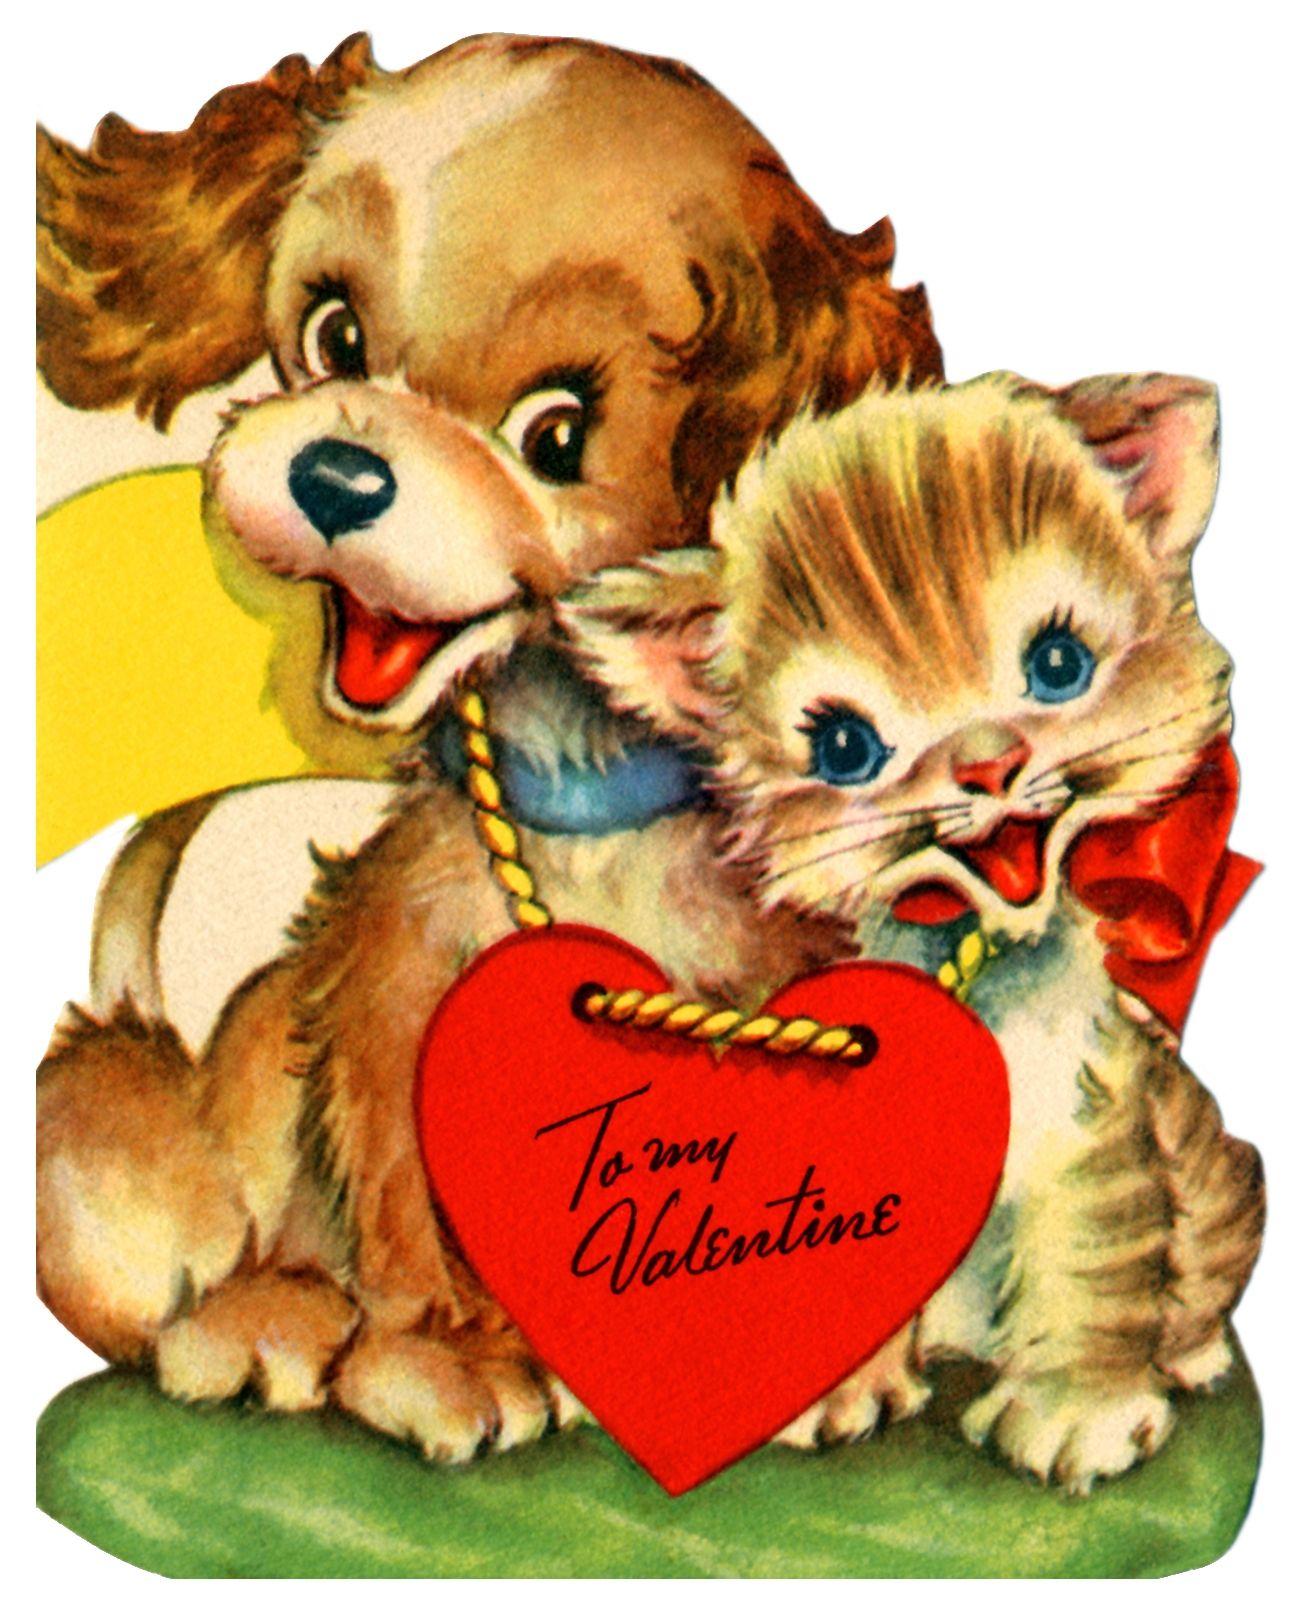 Puppy And Kitten Vintage Valentine Vintage Valentine Cards Vintage Valentines Dog Valentines